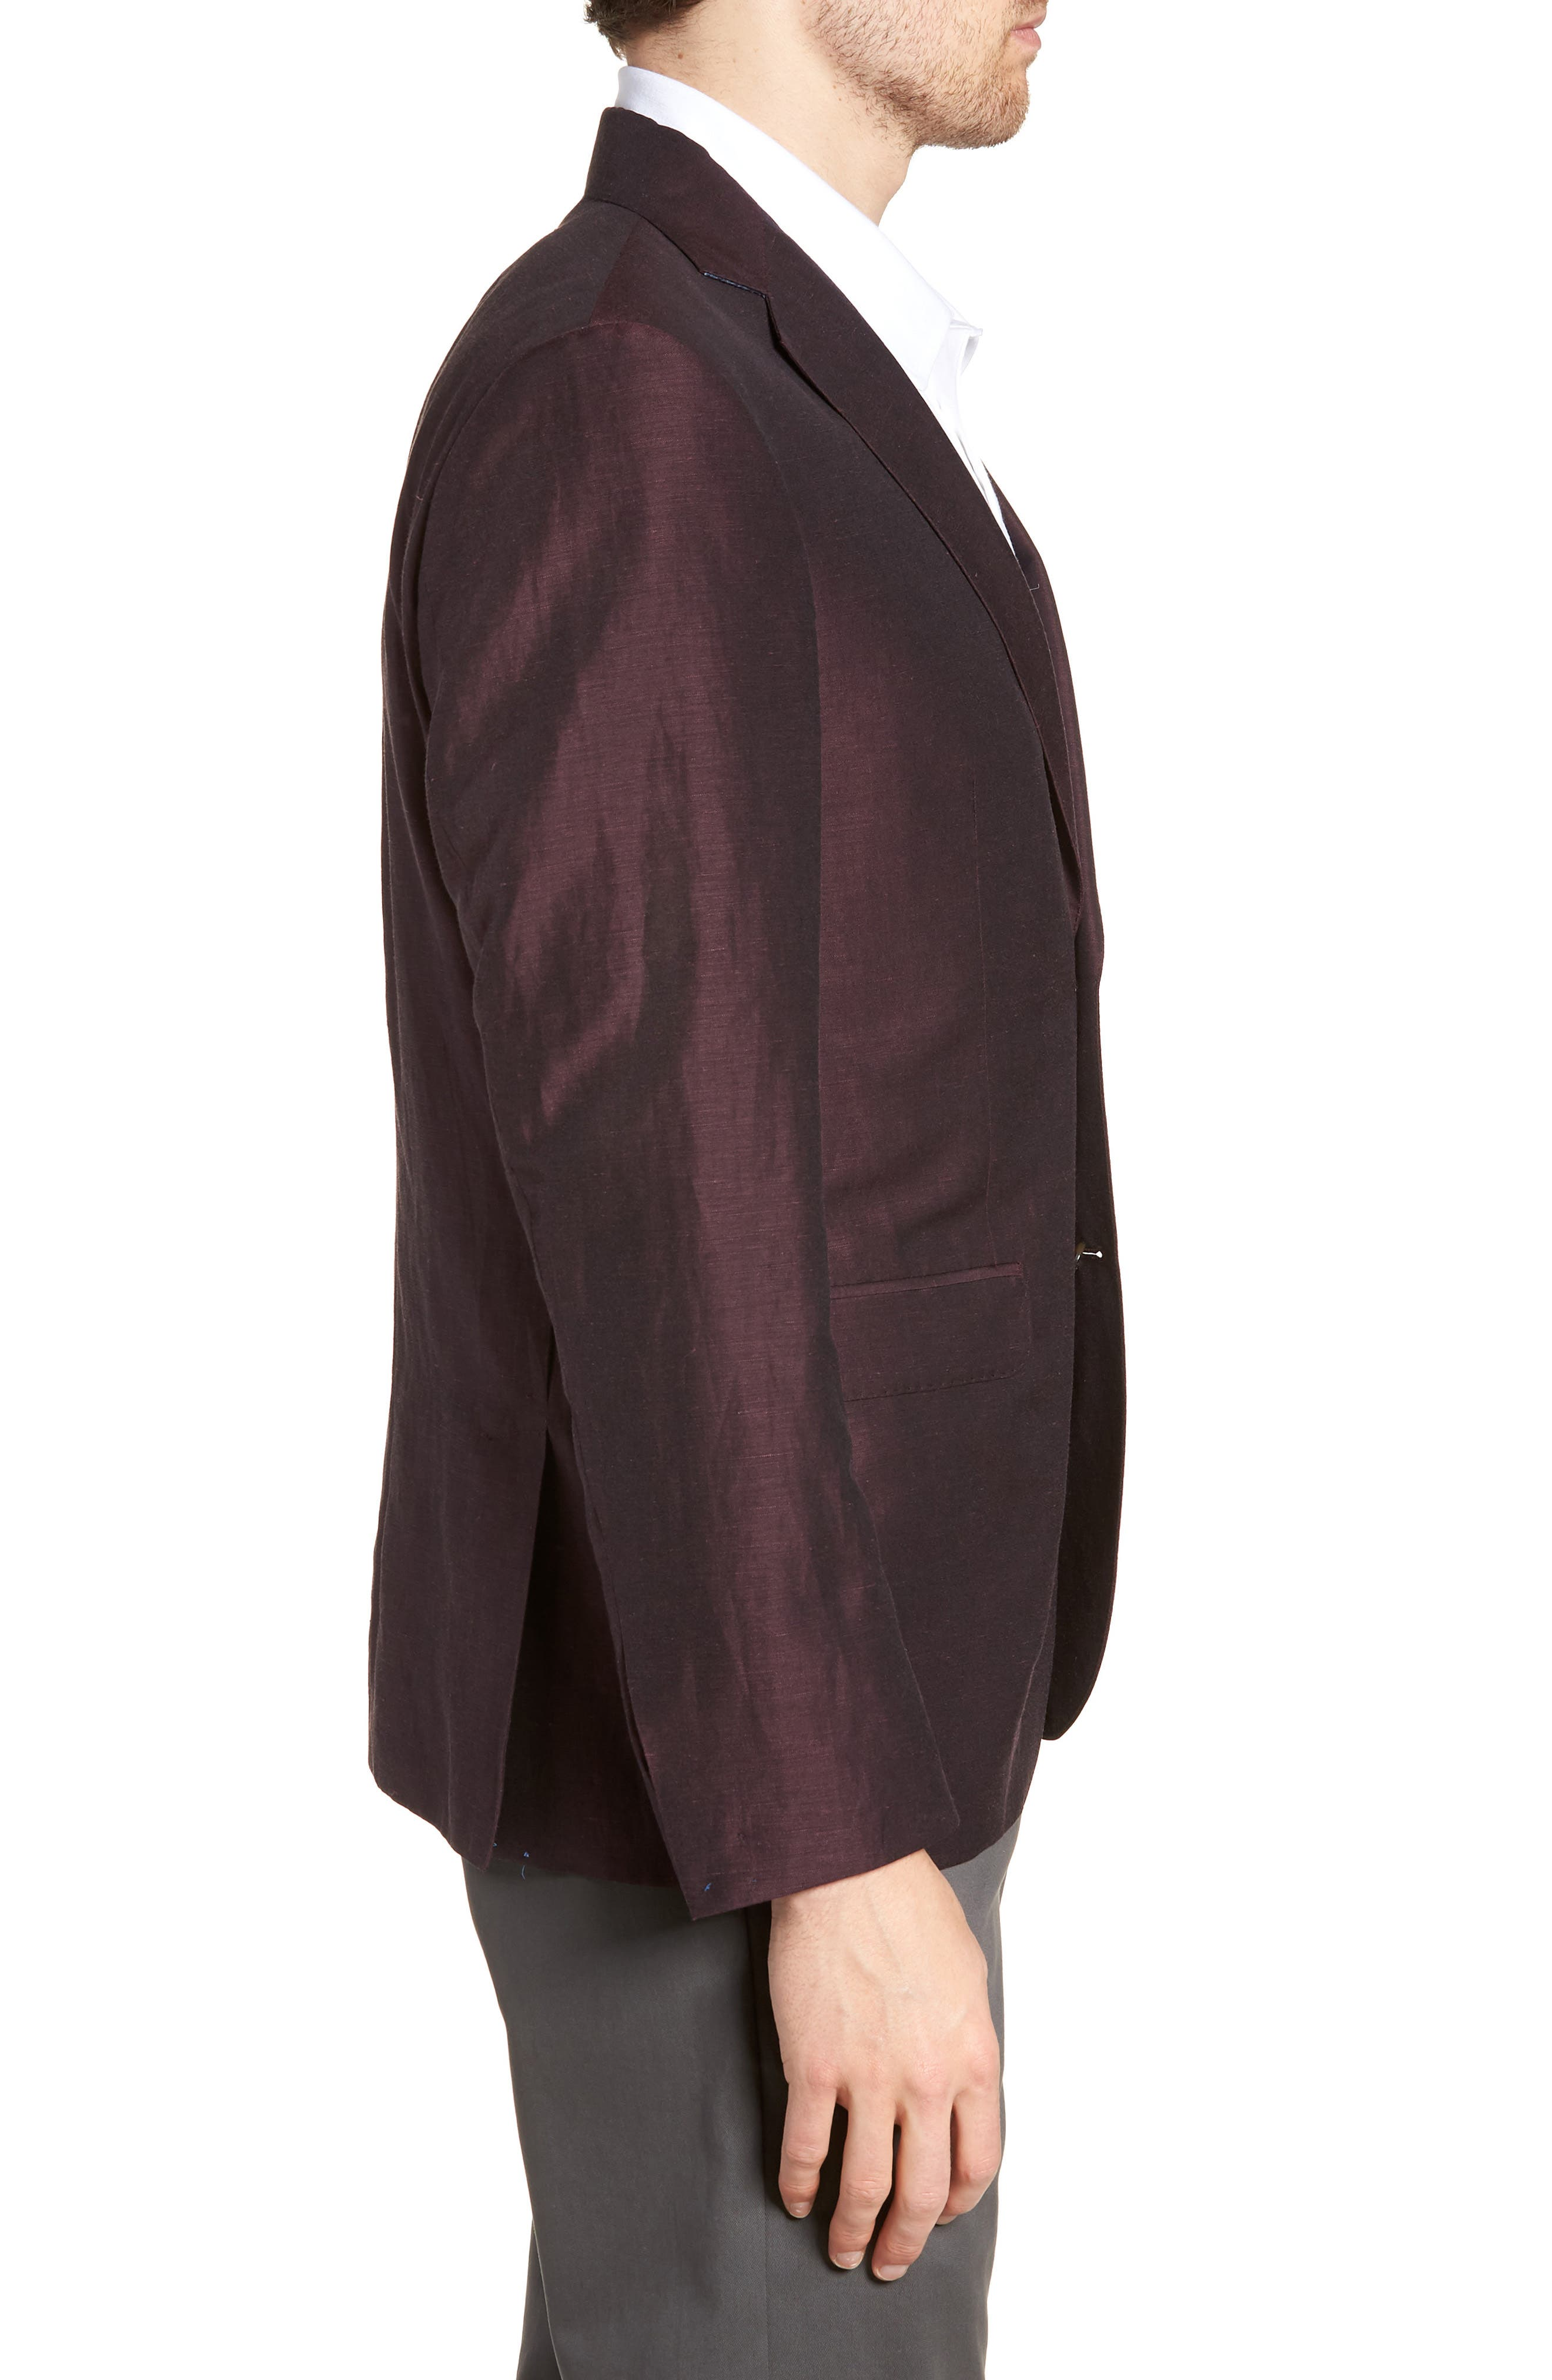 Shelby Trim Fit Wool & Linen Suit Jacket,                             Alternate thumbnail 3, color,                             Plum